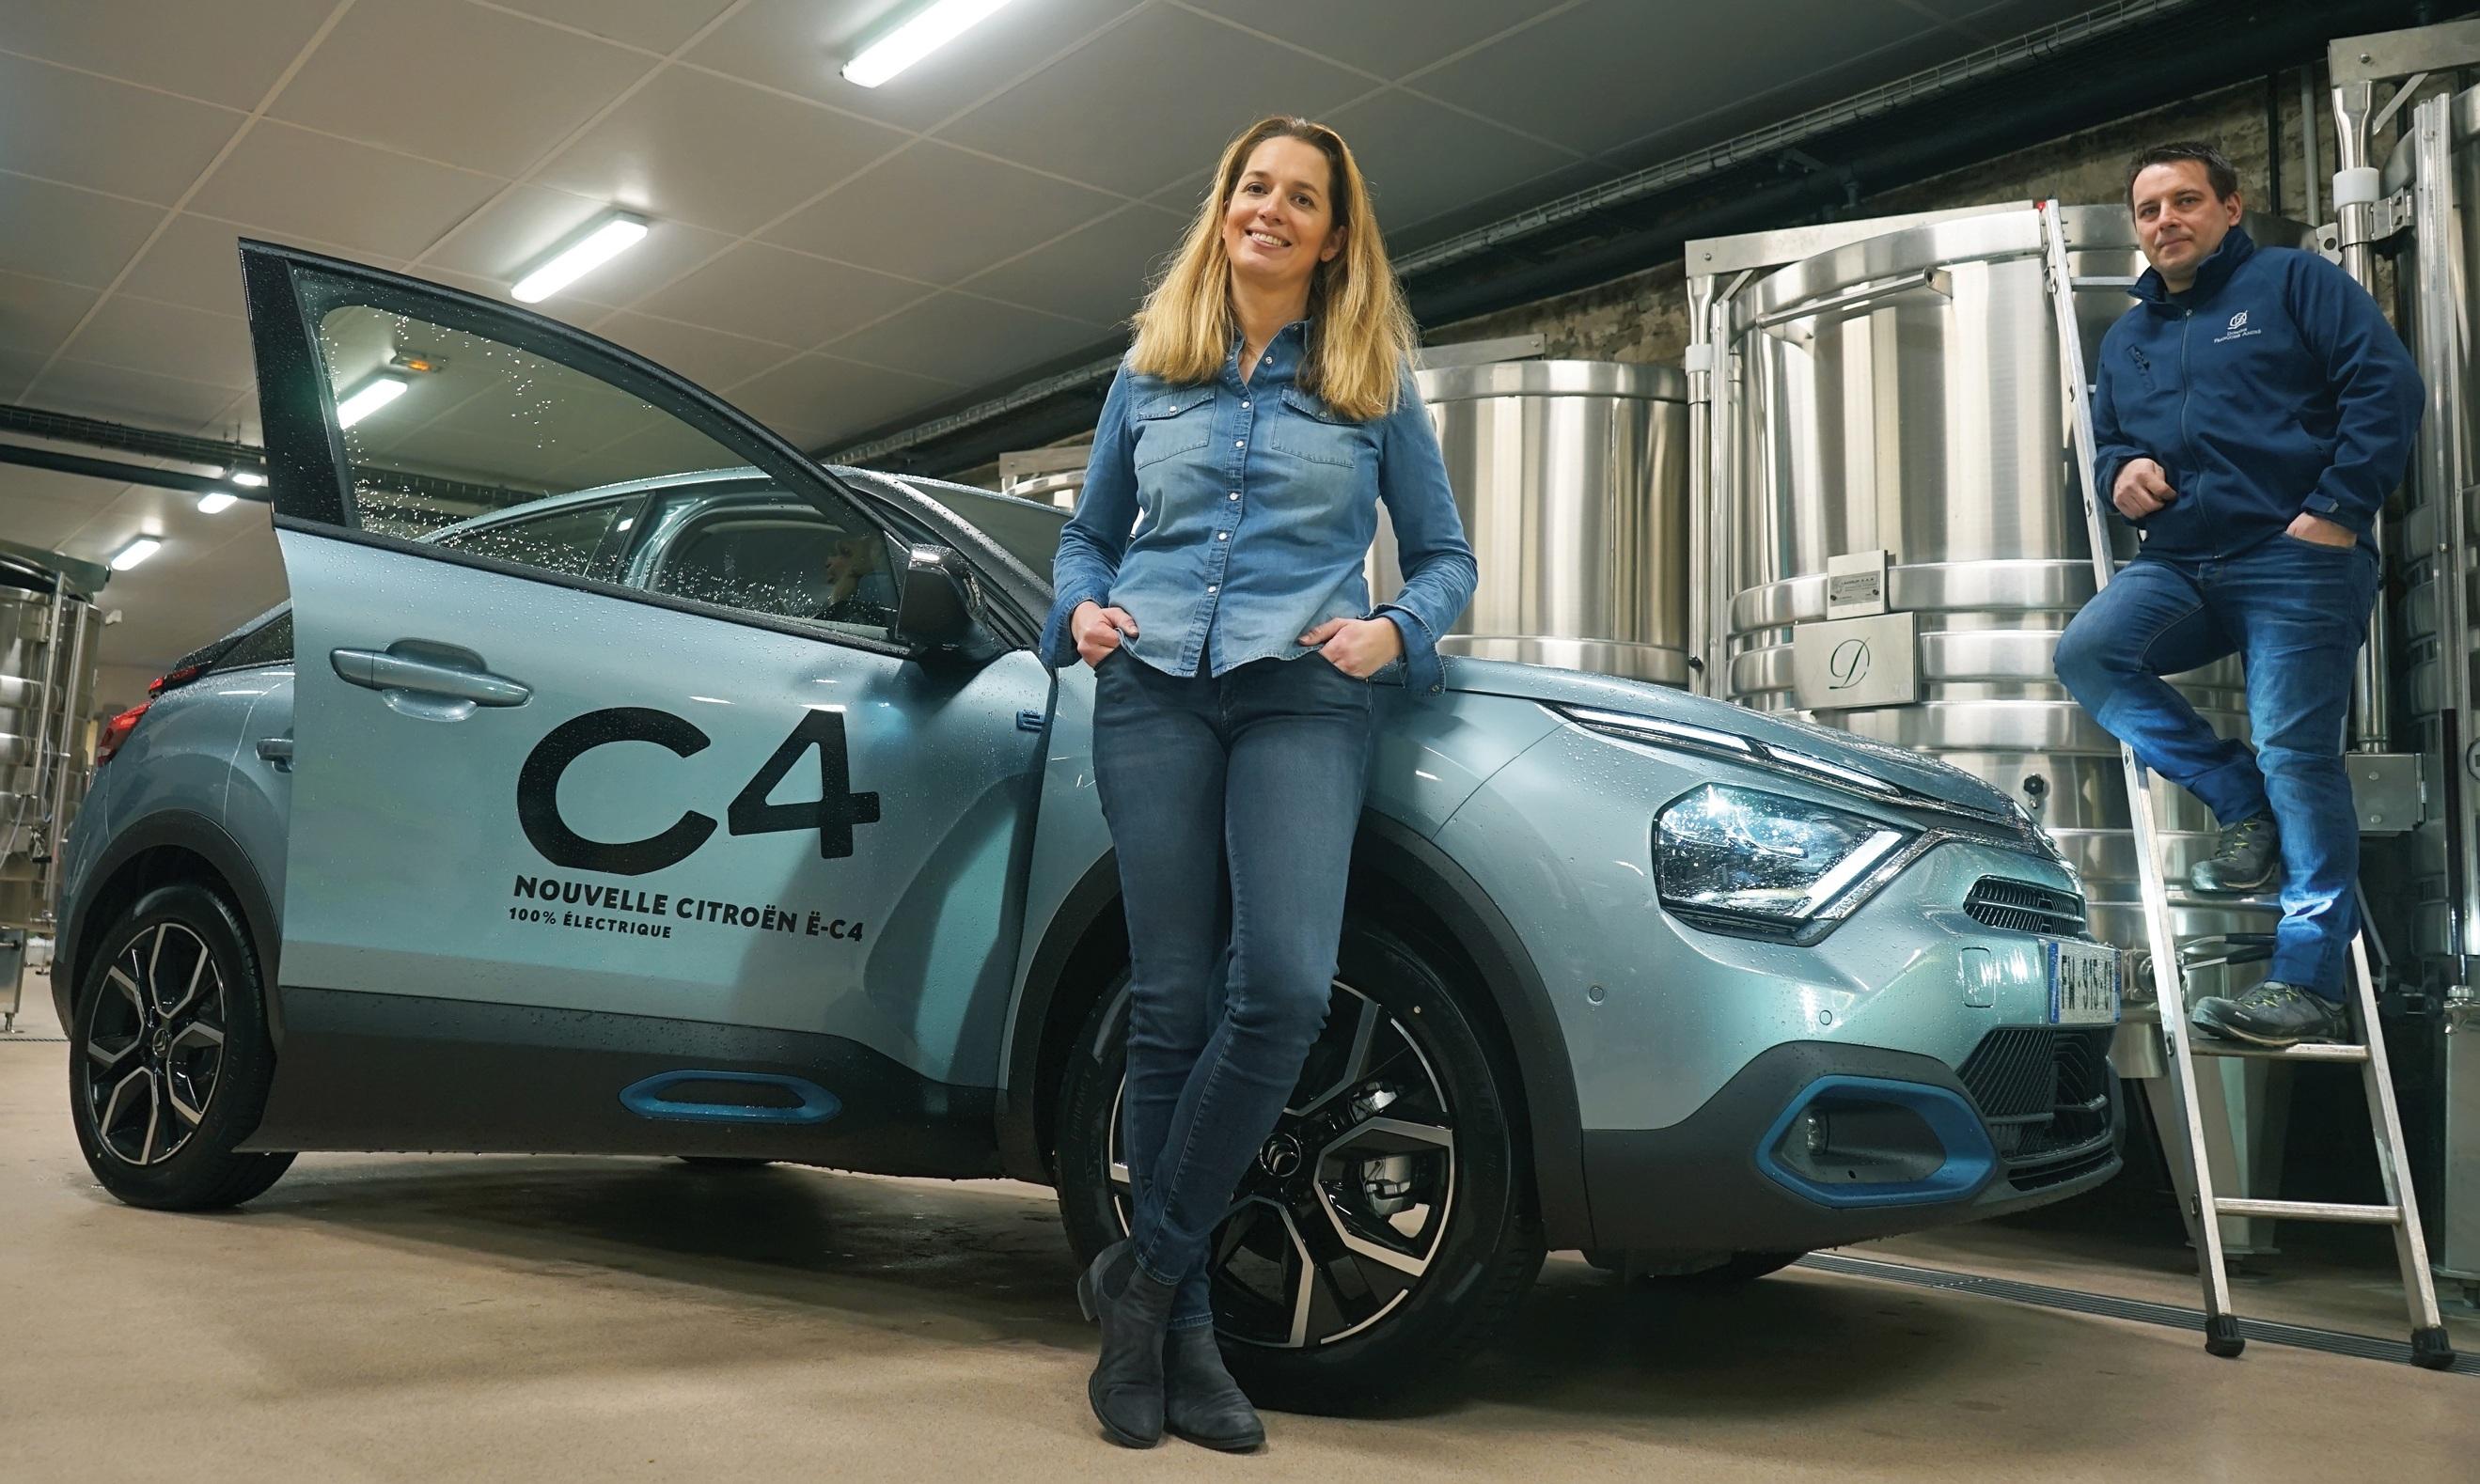 Citroën ëC4 au domaine Françoise André : à Beaune, silence en cuverie